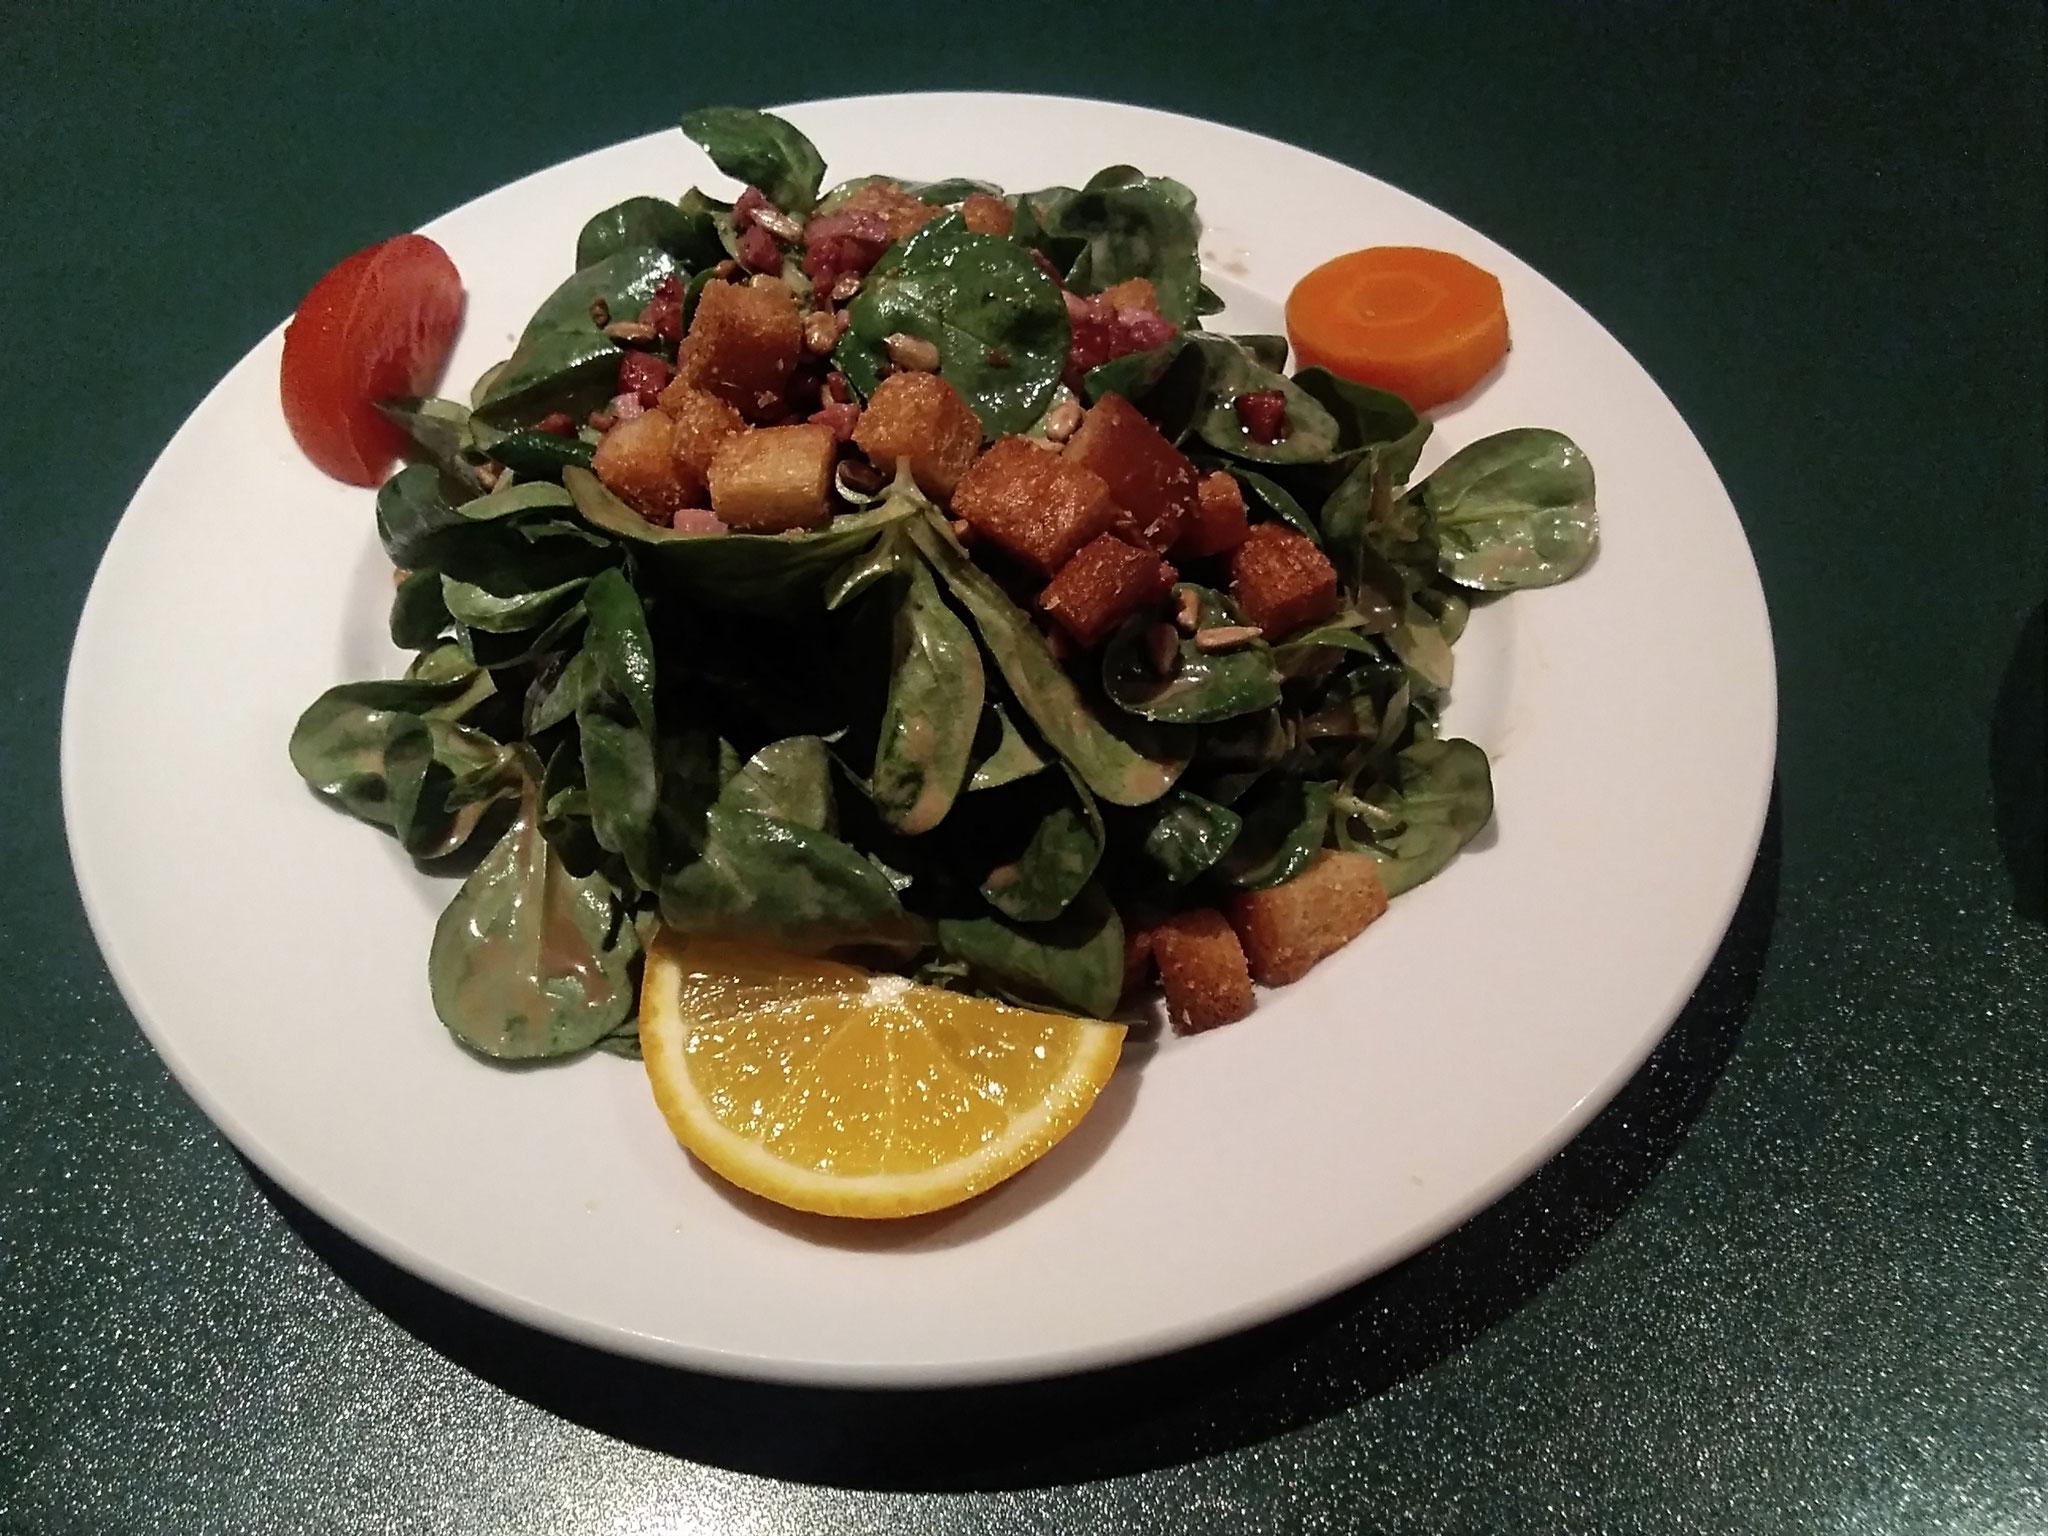 Nüsslisalat mit Speck un Croutons (Saisonal)